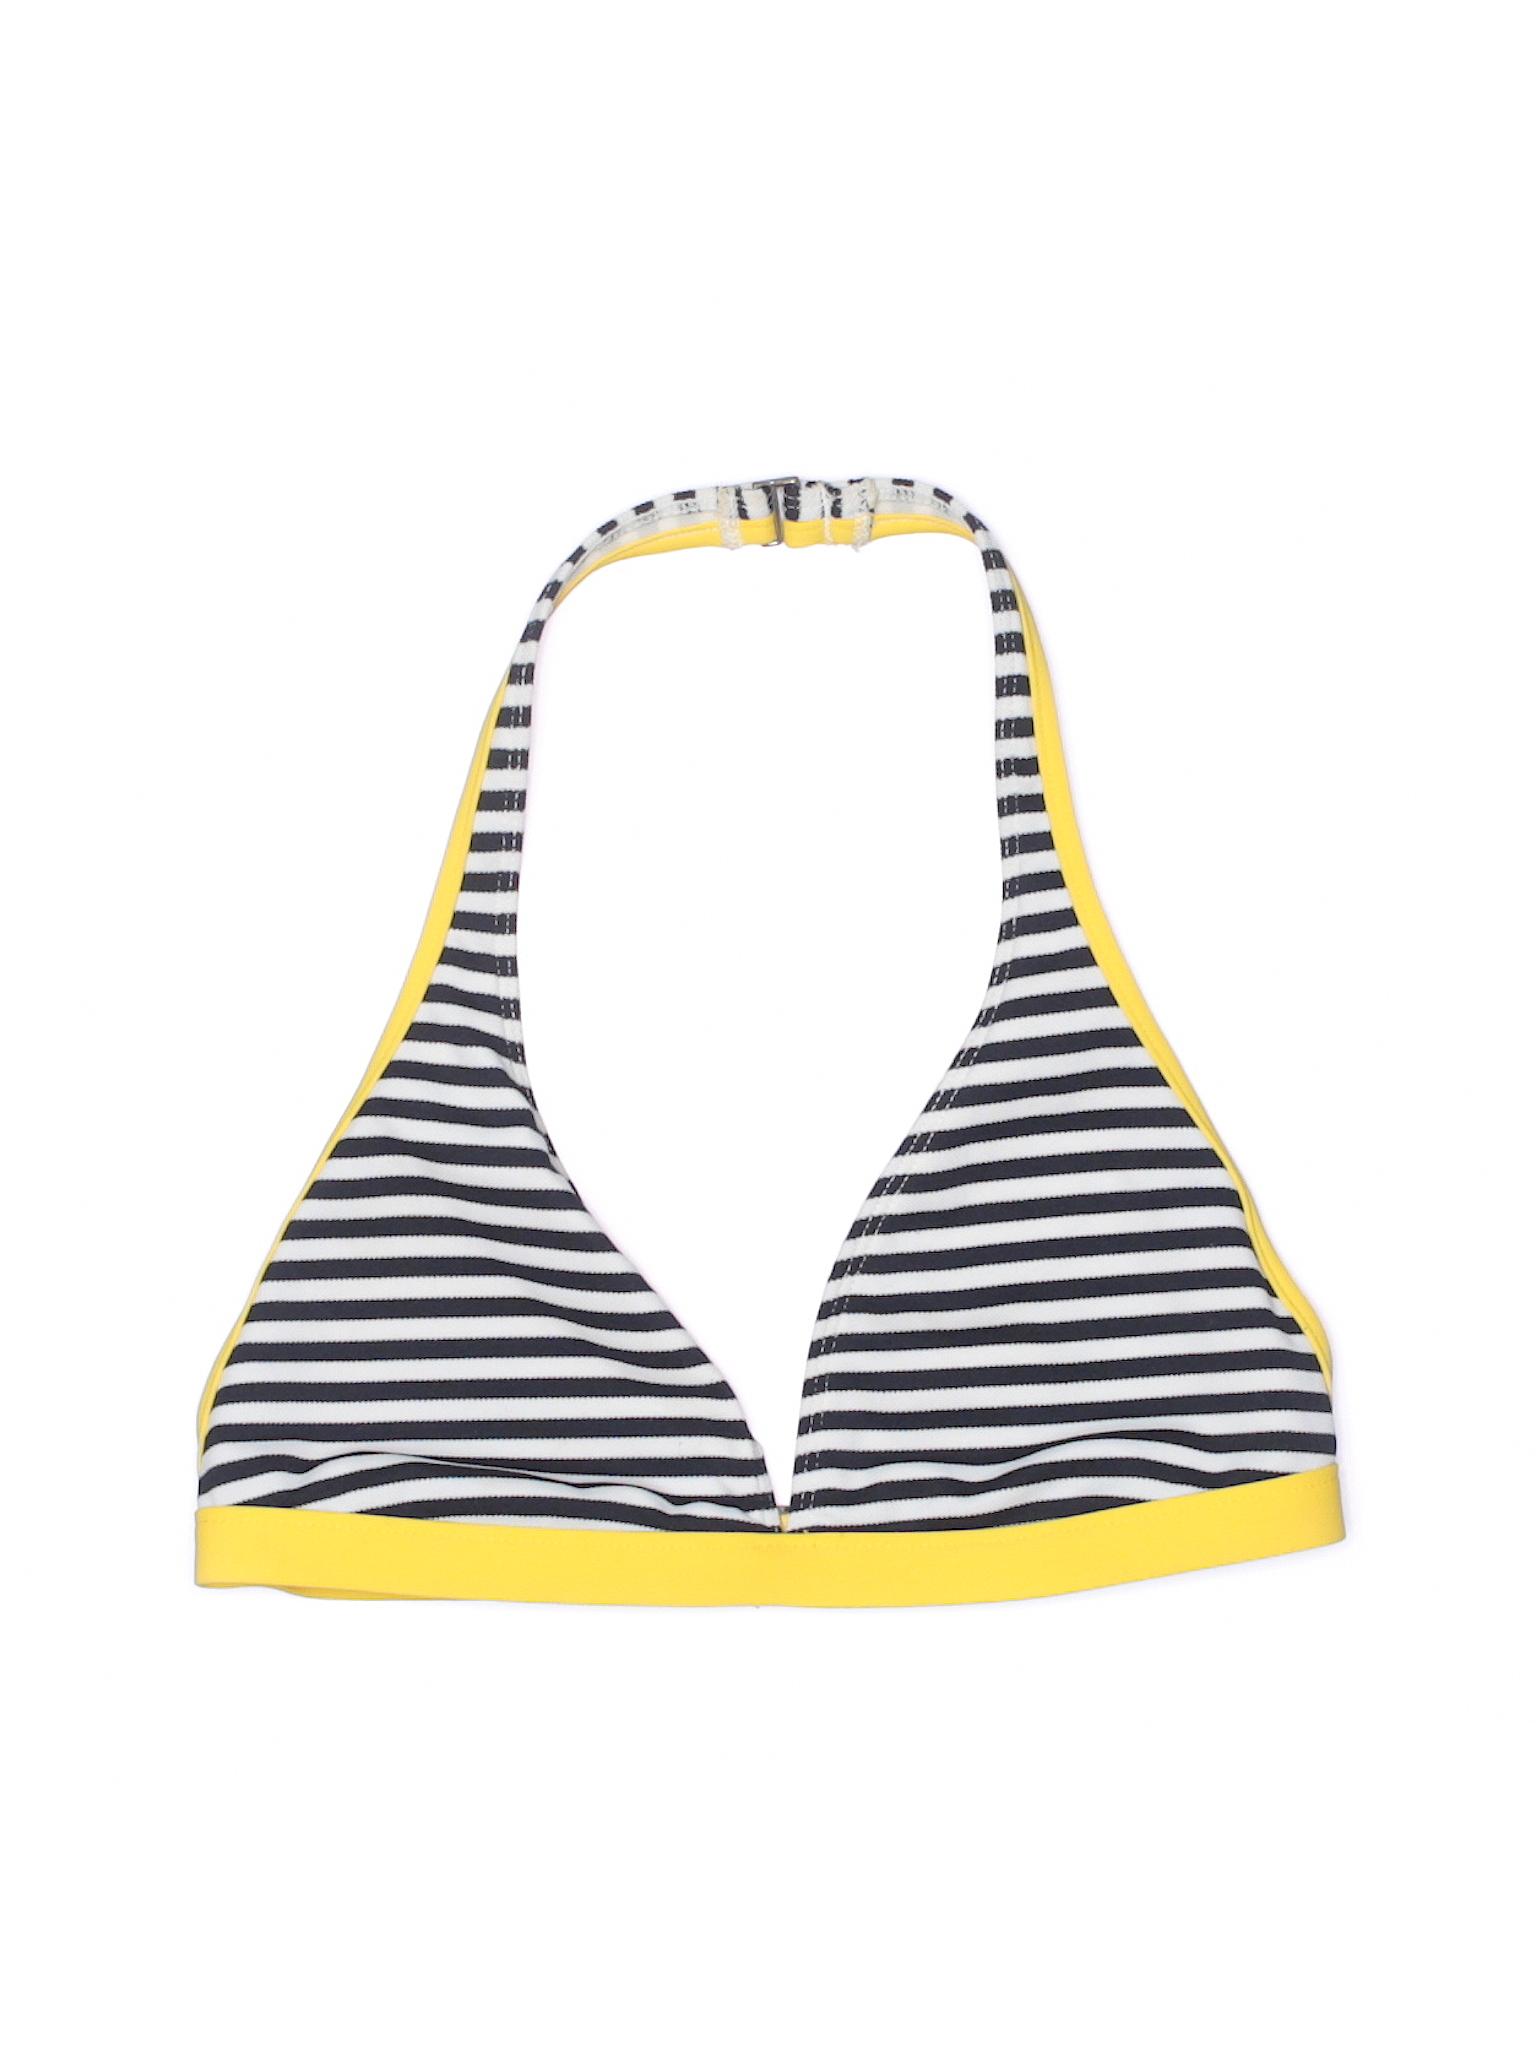 Boutique Boutique Lauren Boutique Swimsuit Top Lauren Ralph Ralph Swimsuit Top ggUqZ61